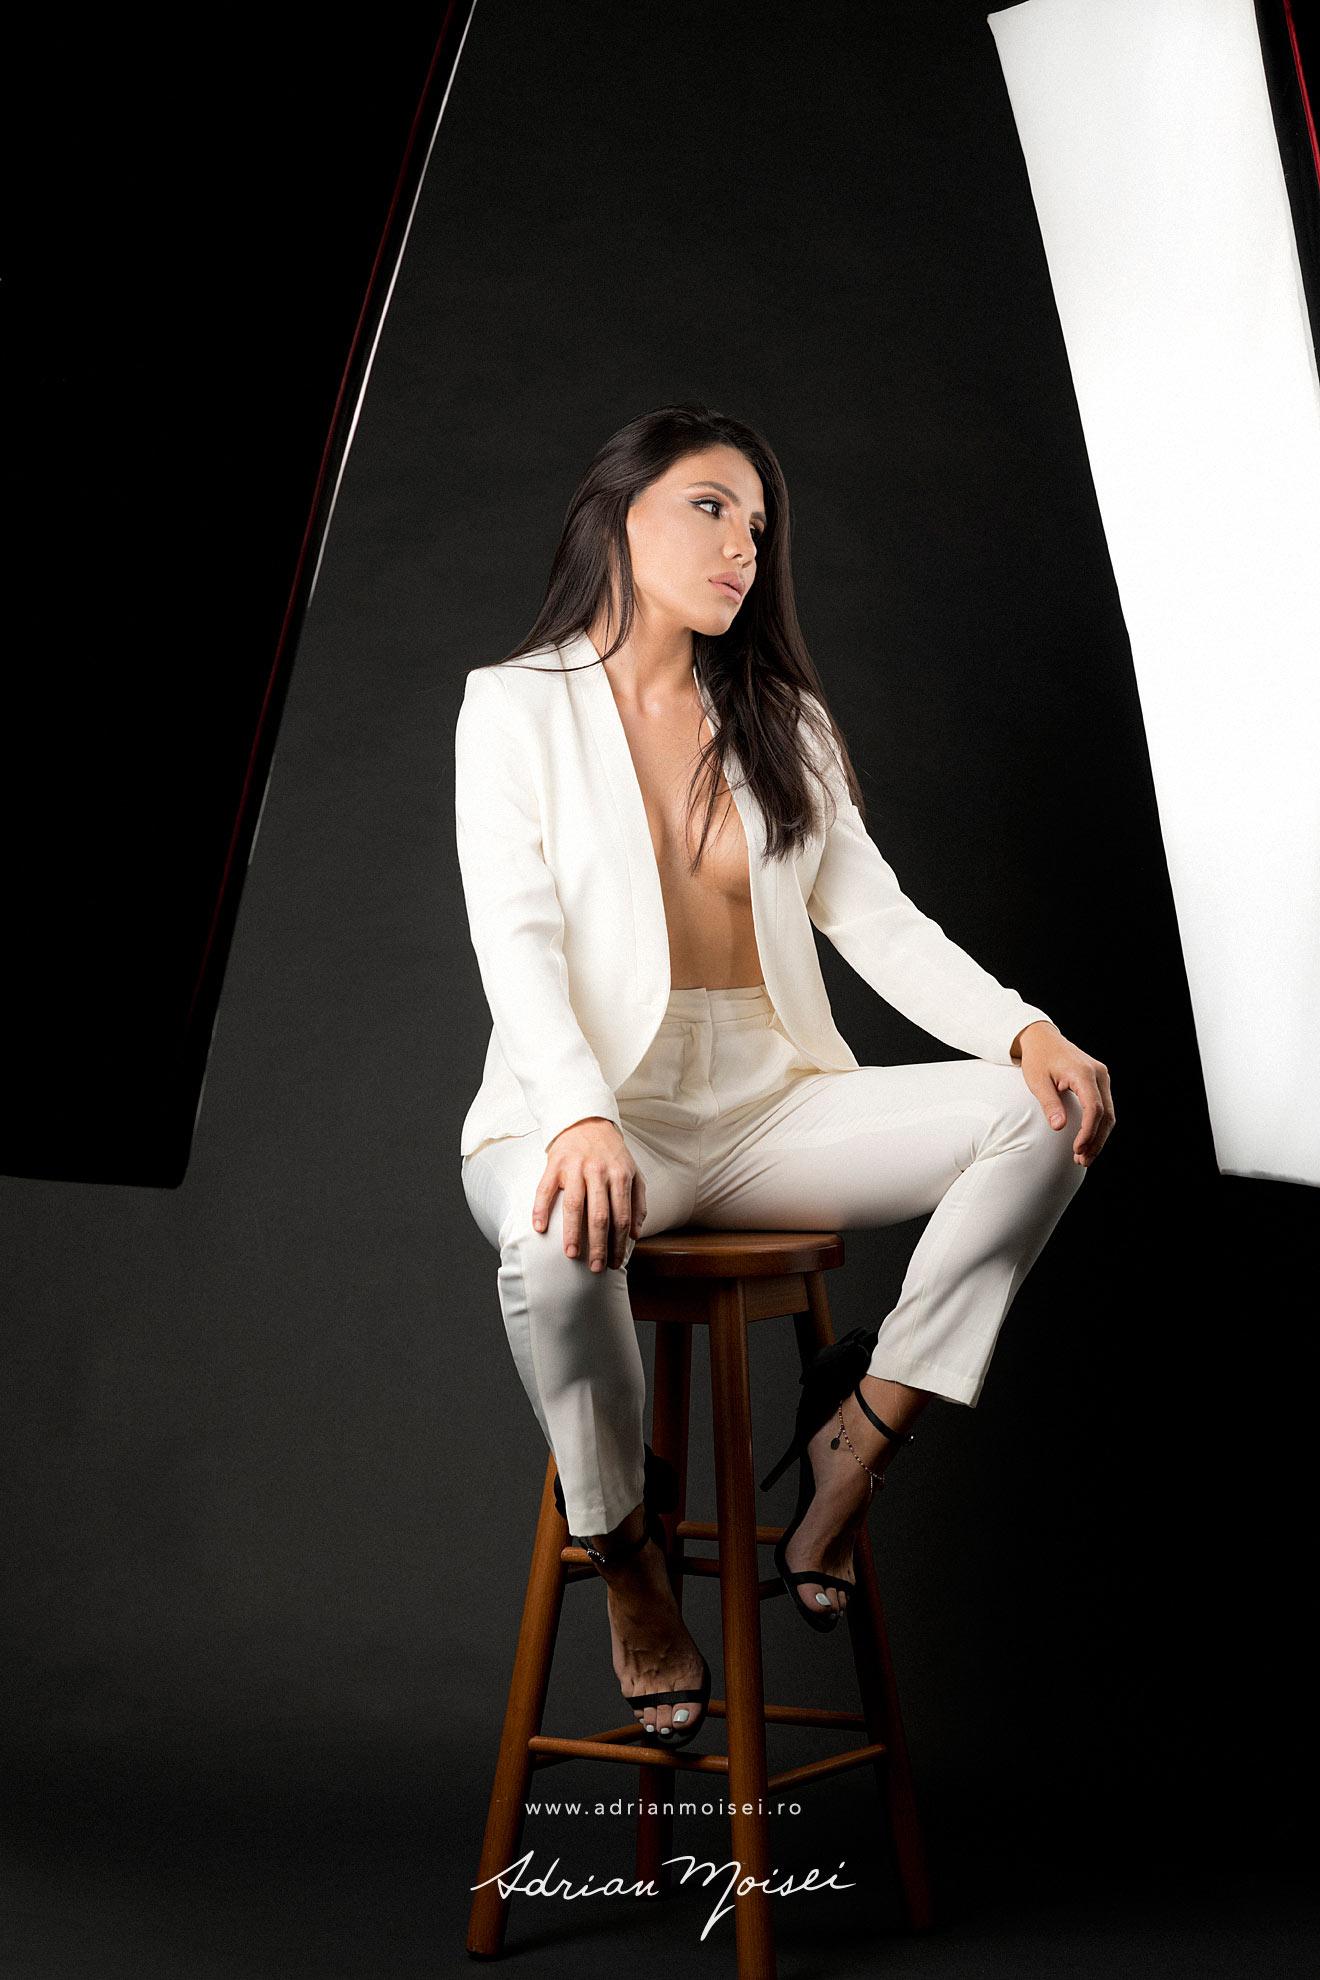 Fotograf fashion - fotografie cu modela frumoasa si senzuala in studio, pe fundal negru - studio foto Adrian Moisei